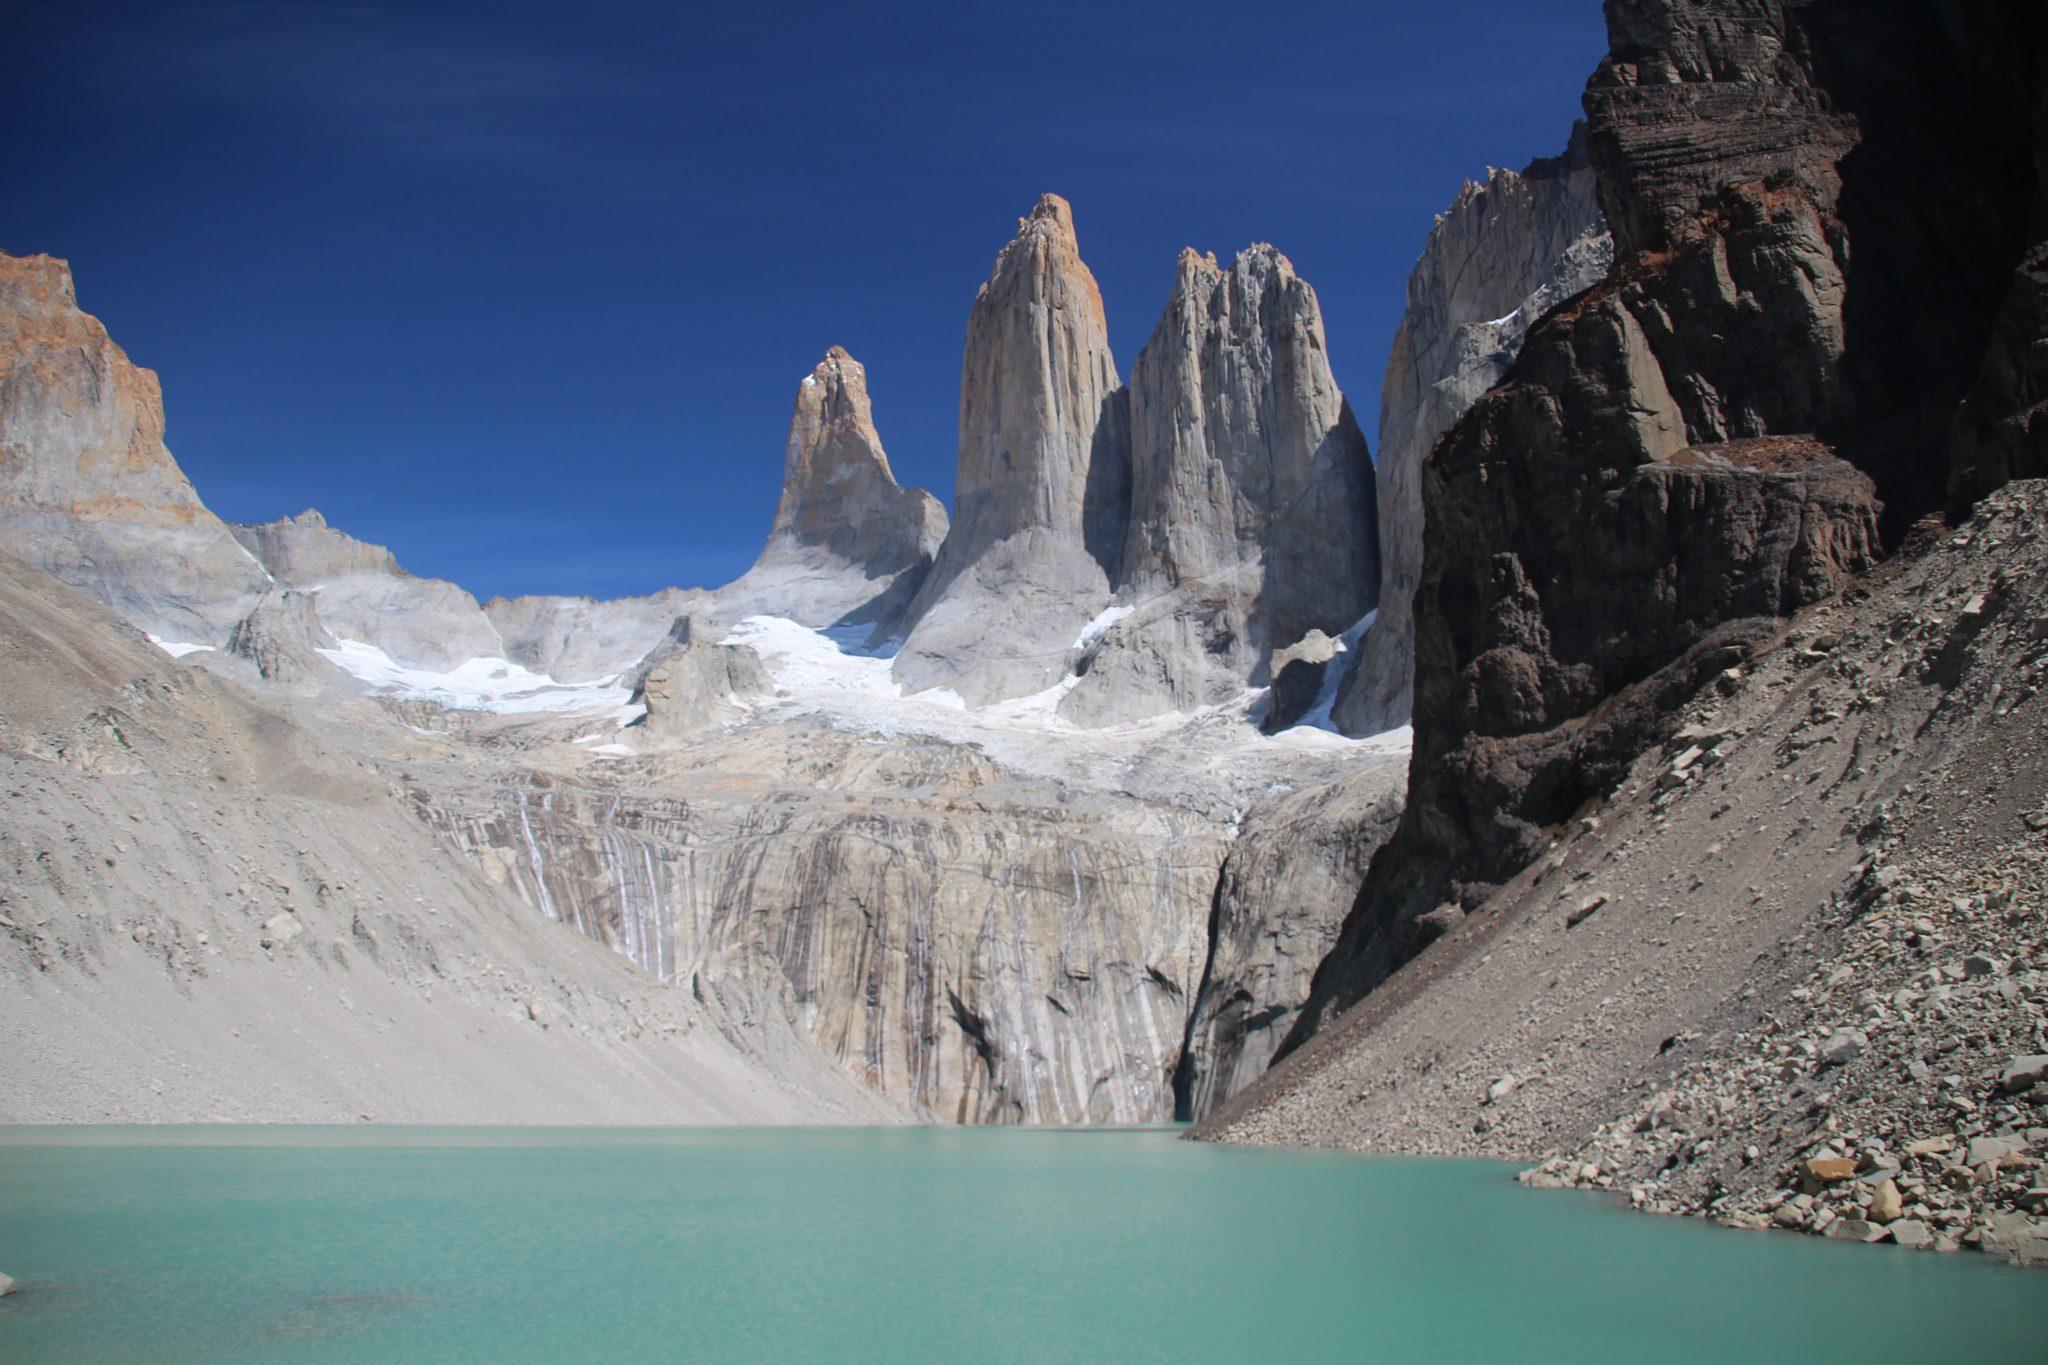 torres del paine beau temps lagune trek W patagonie chili